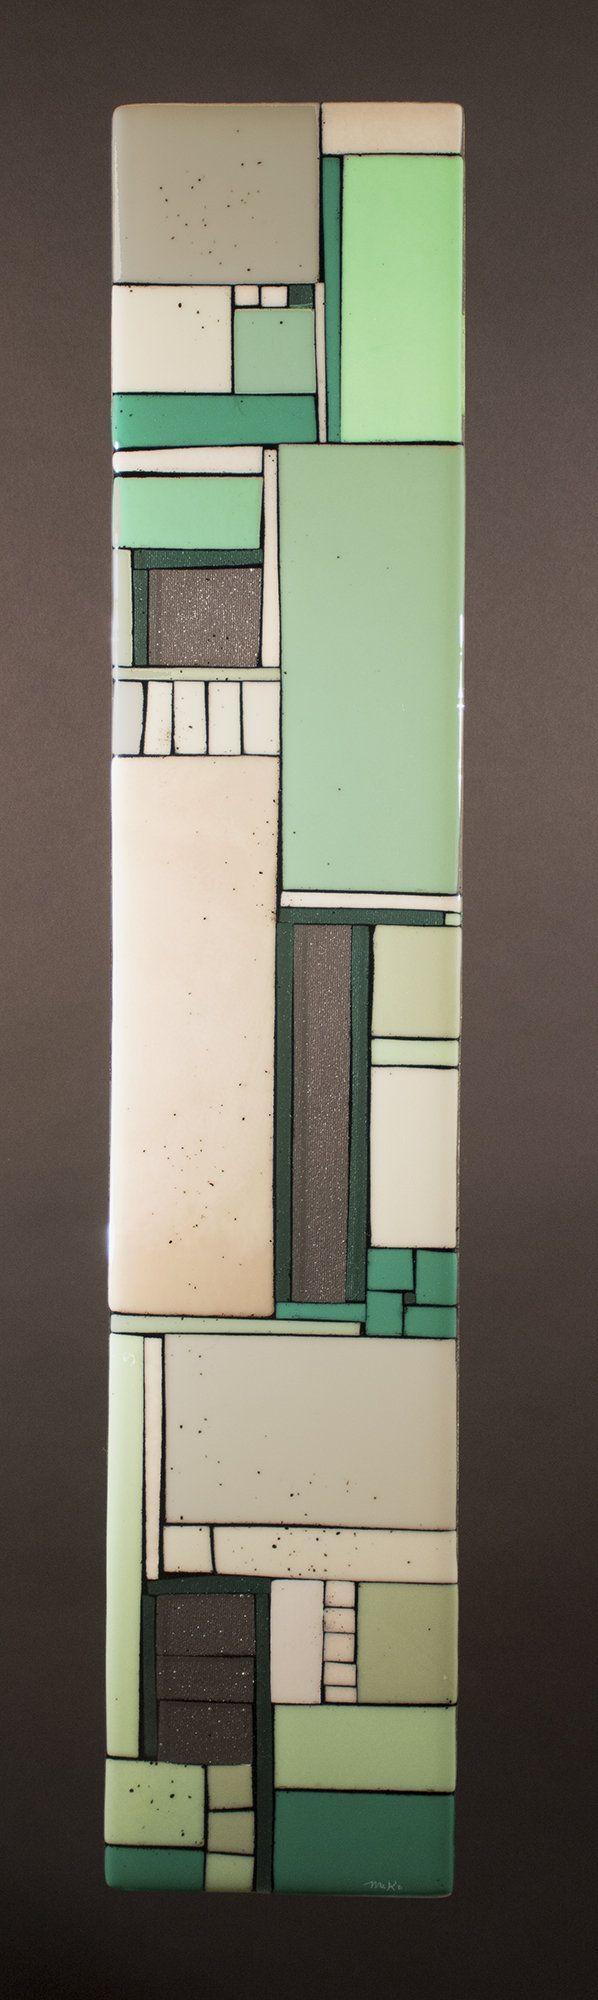 25+ Best Glass Wall Art Ideas On Pinterest | Glass Art, Fused With Fused Glass Wall Art (View 16 of 20)